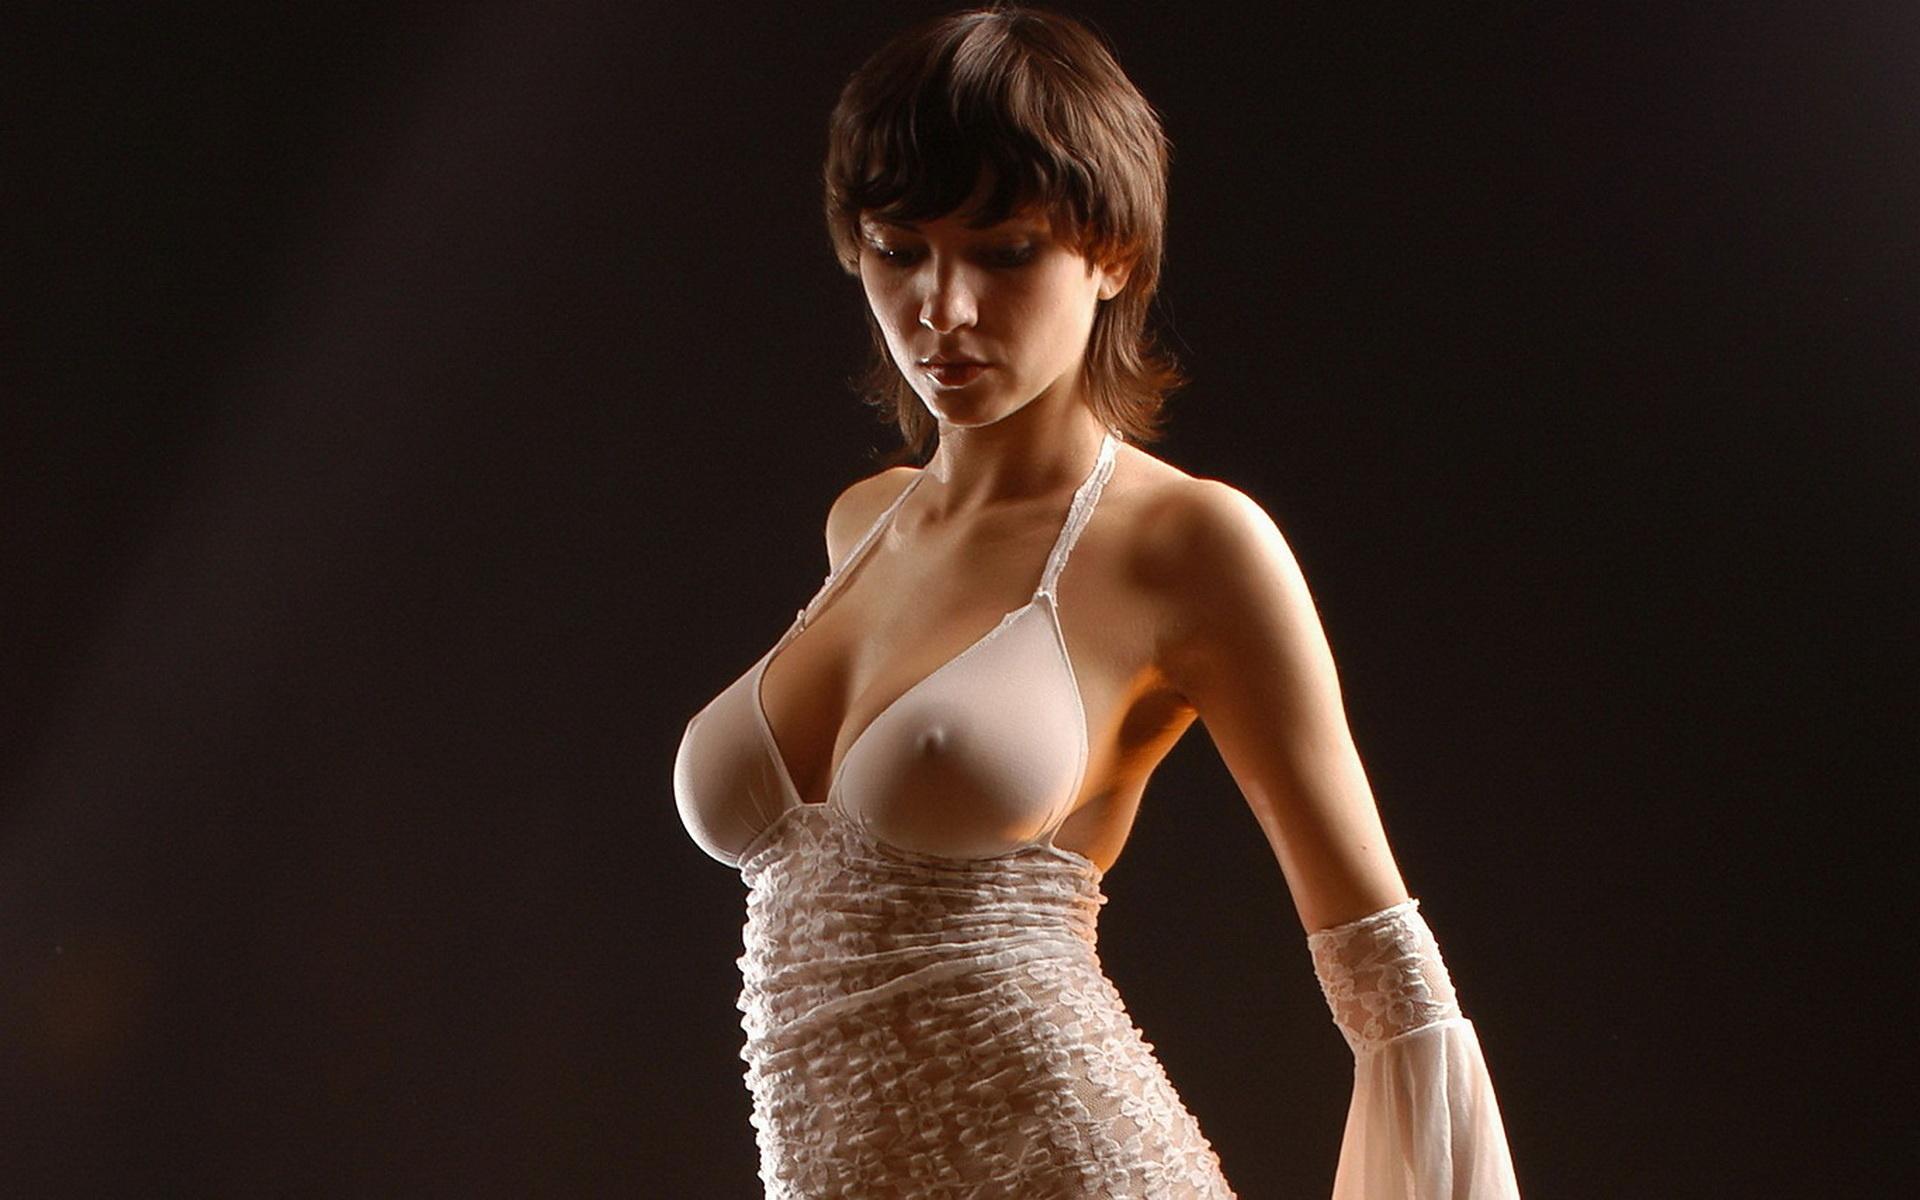 eroticheskie-fotografii-devushek-v-prozrachnoy-odezhde-transseksualki-moskvi-metro-dmitrovskaya